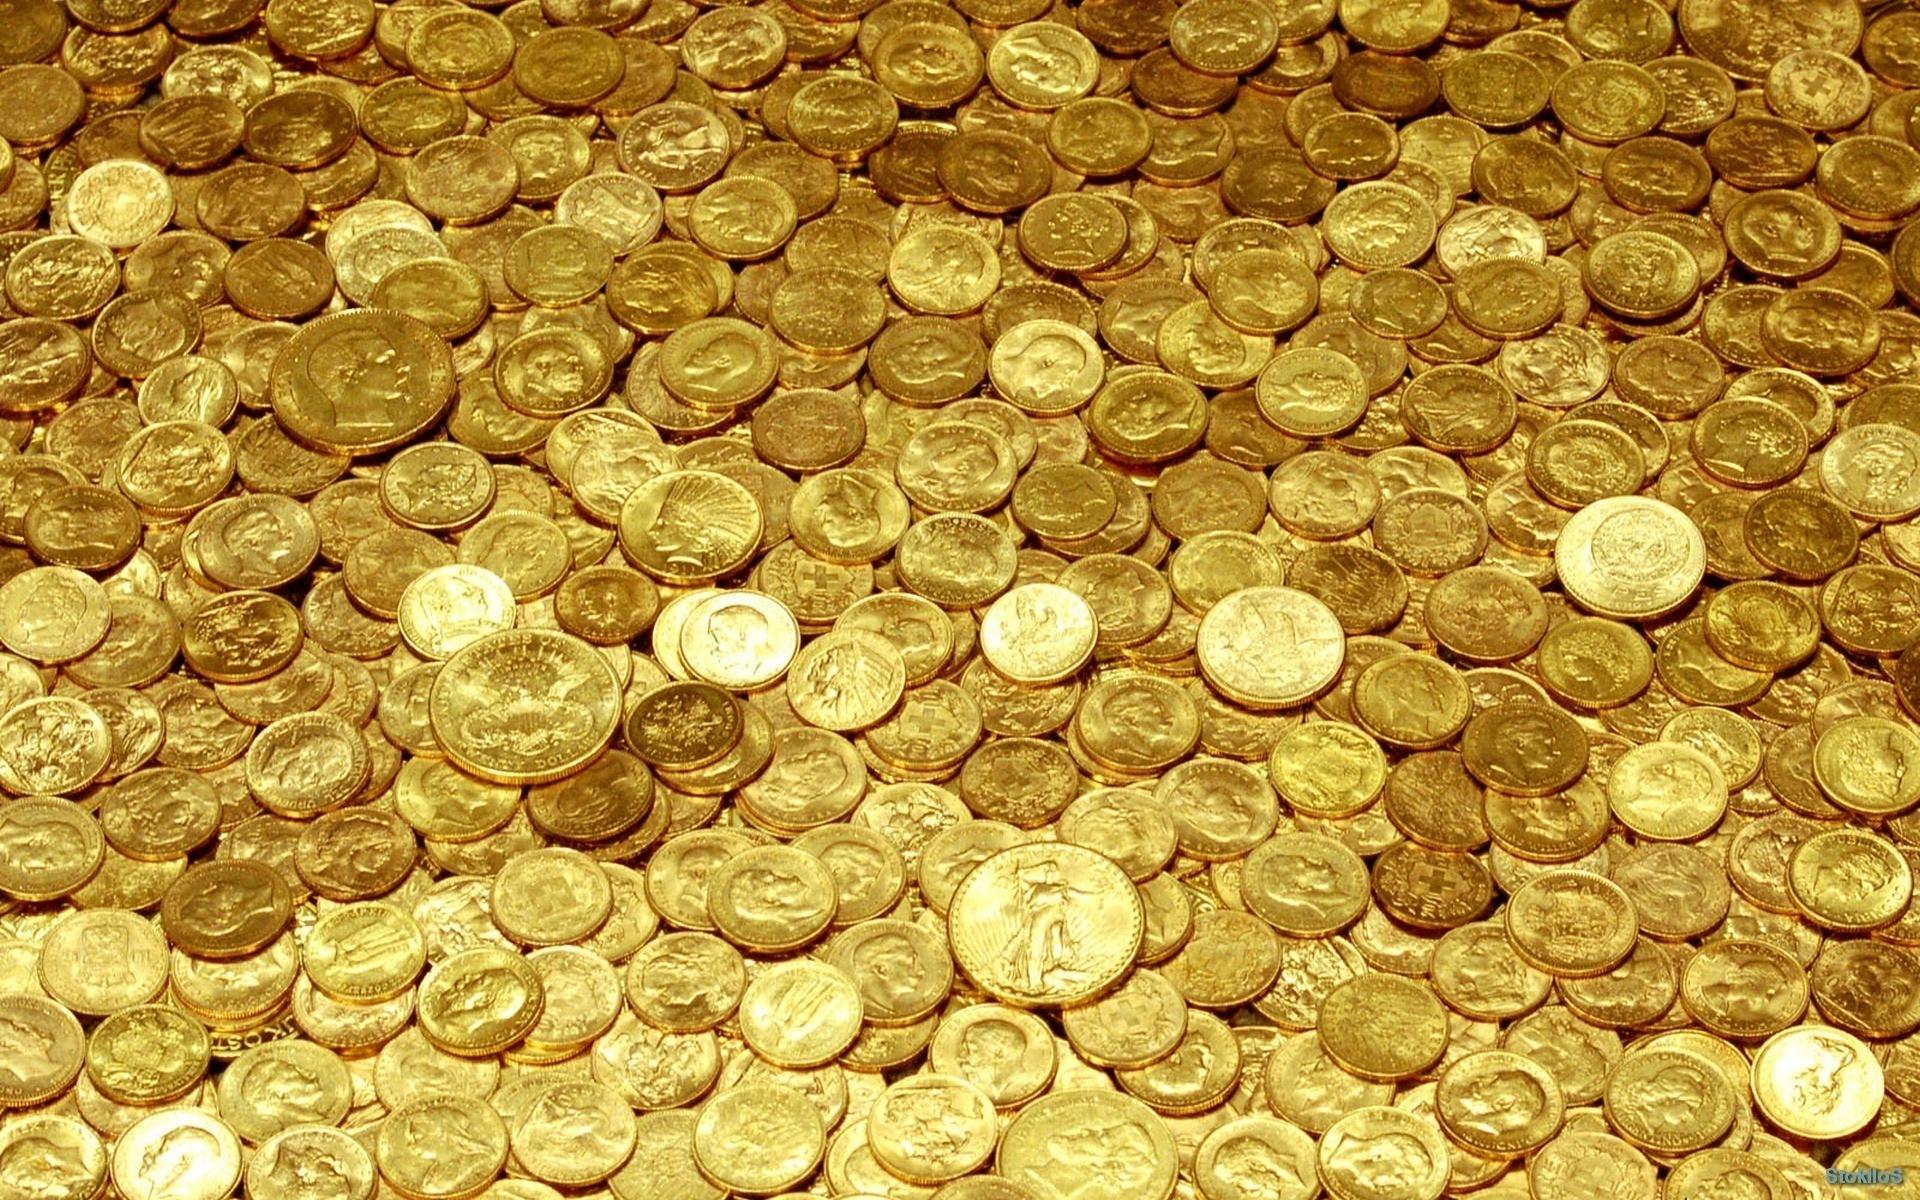 картинка монет много одной стороны т-кольцо